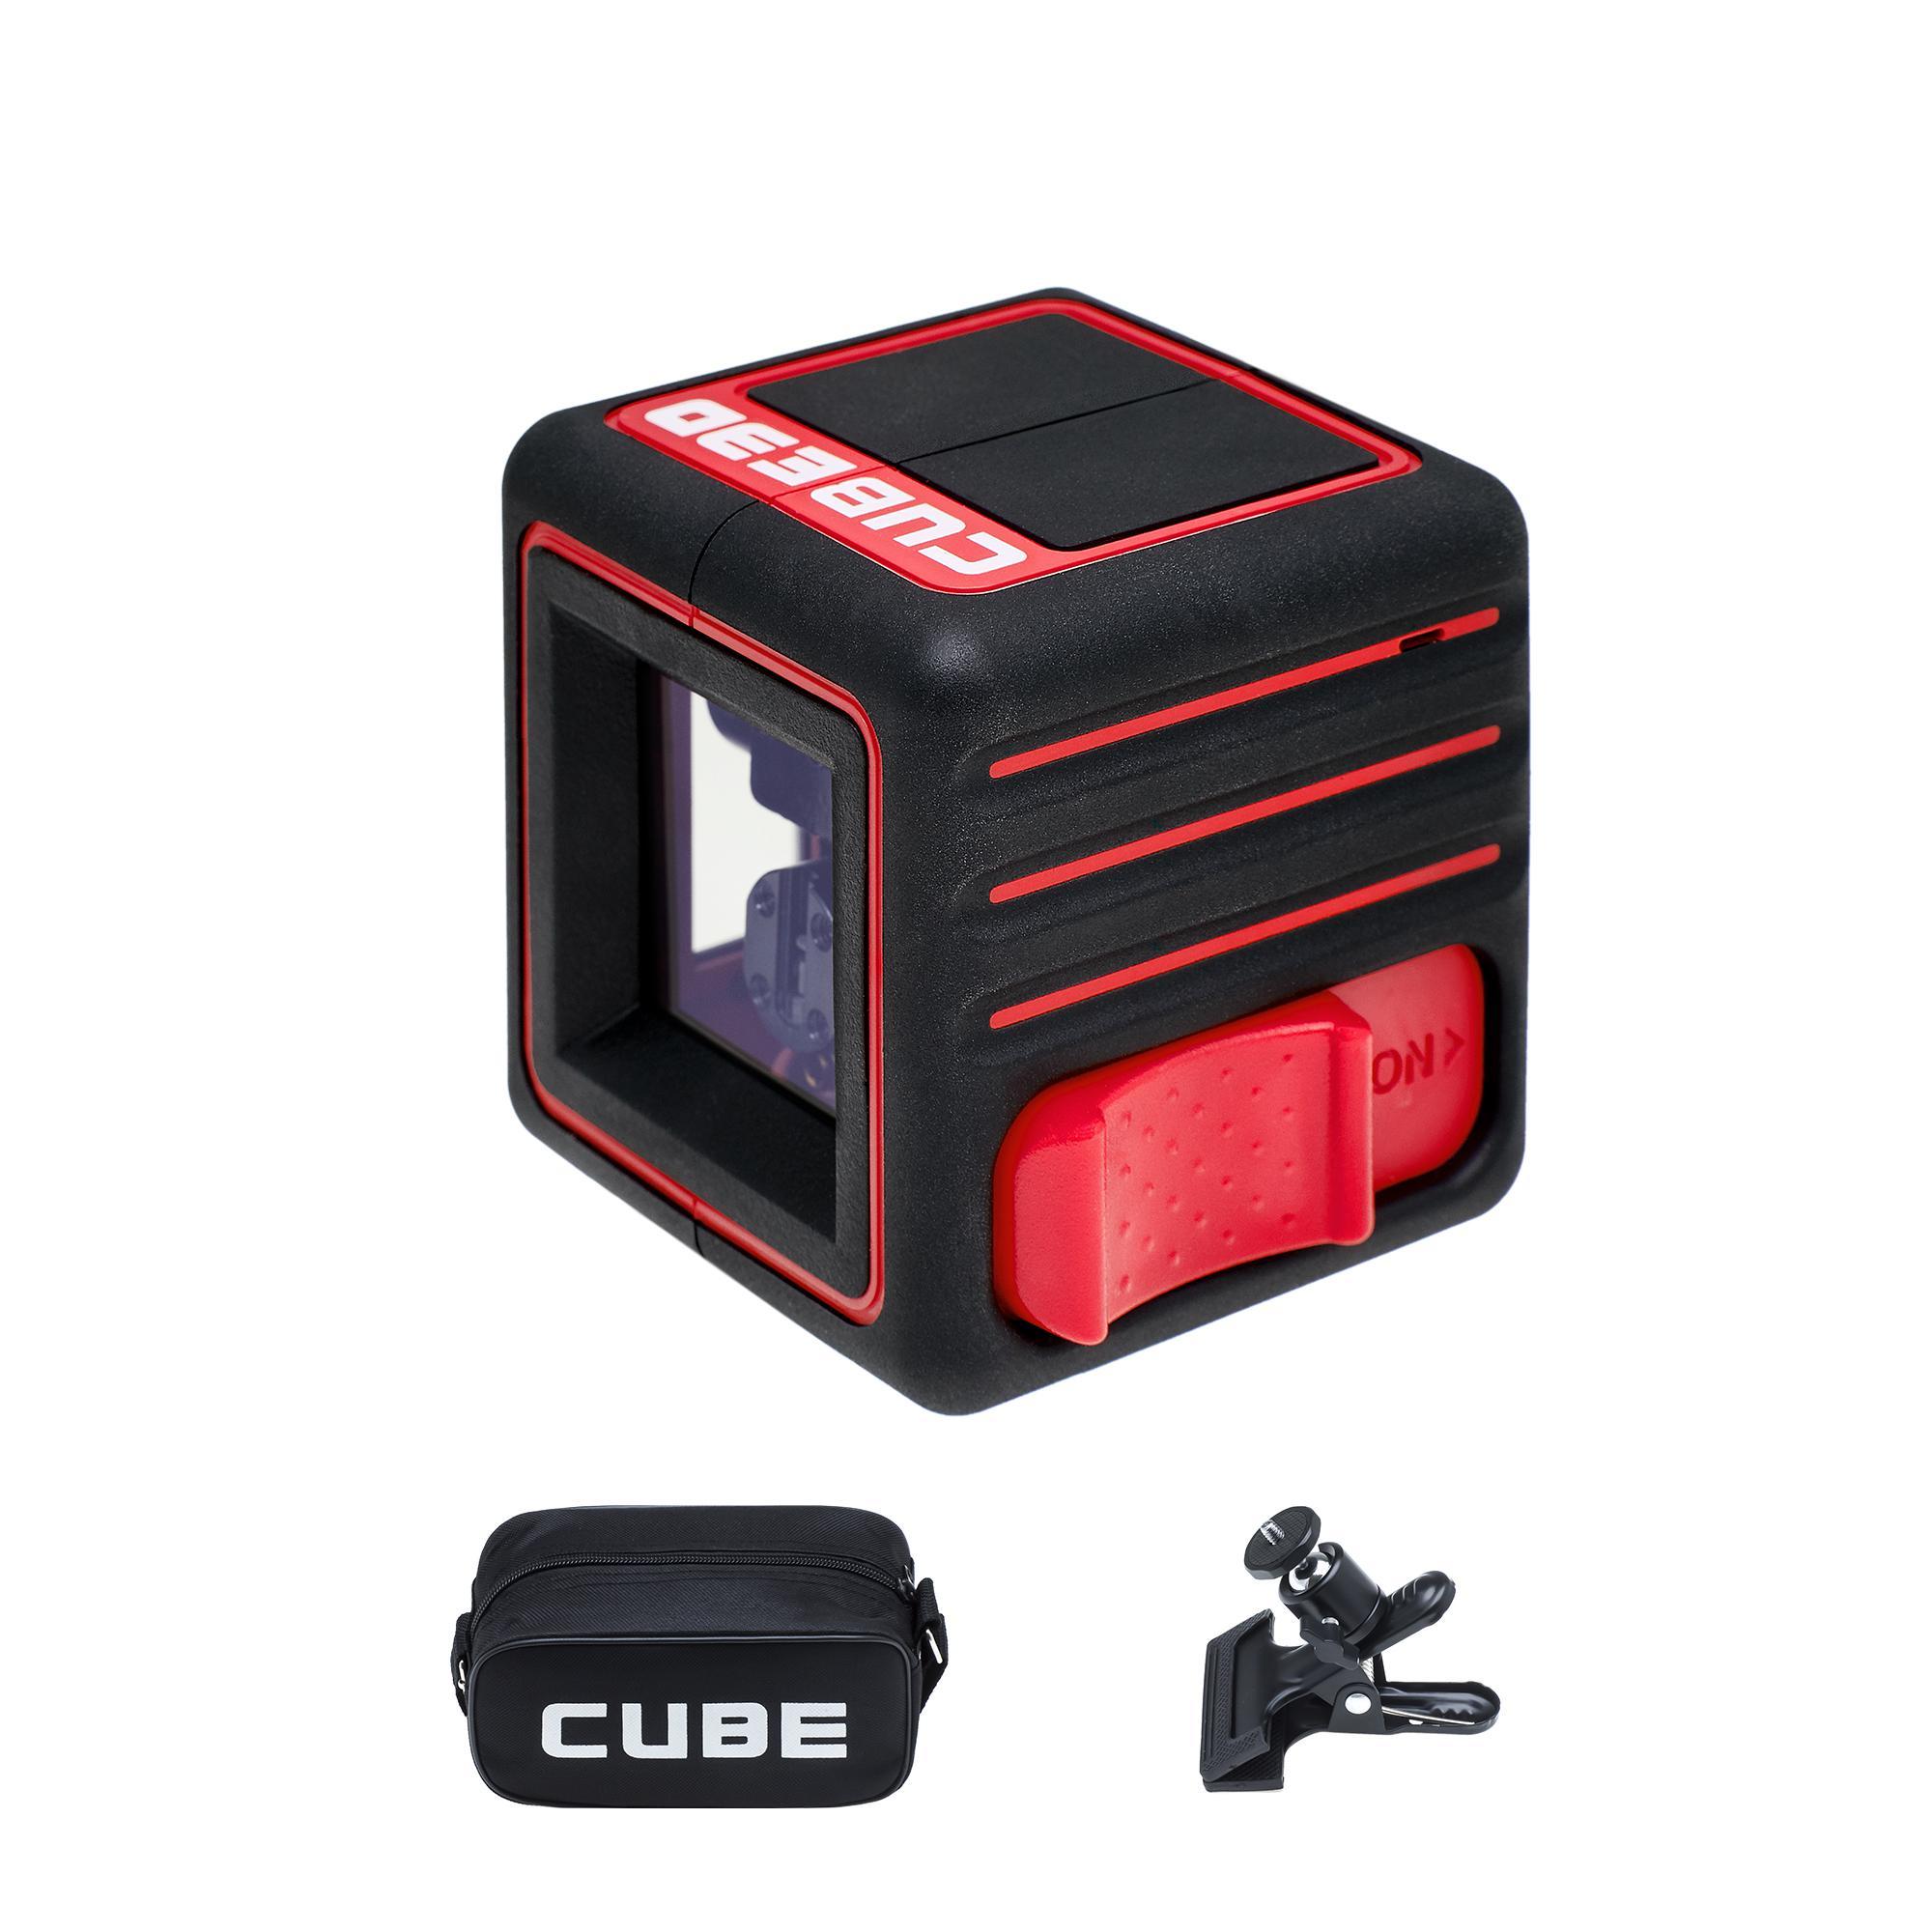 Построитель лазерных плоскостей Ada Cube 3d home edition построитель лазерных плоскостей ada cube mini green home edition а00498